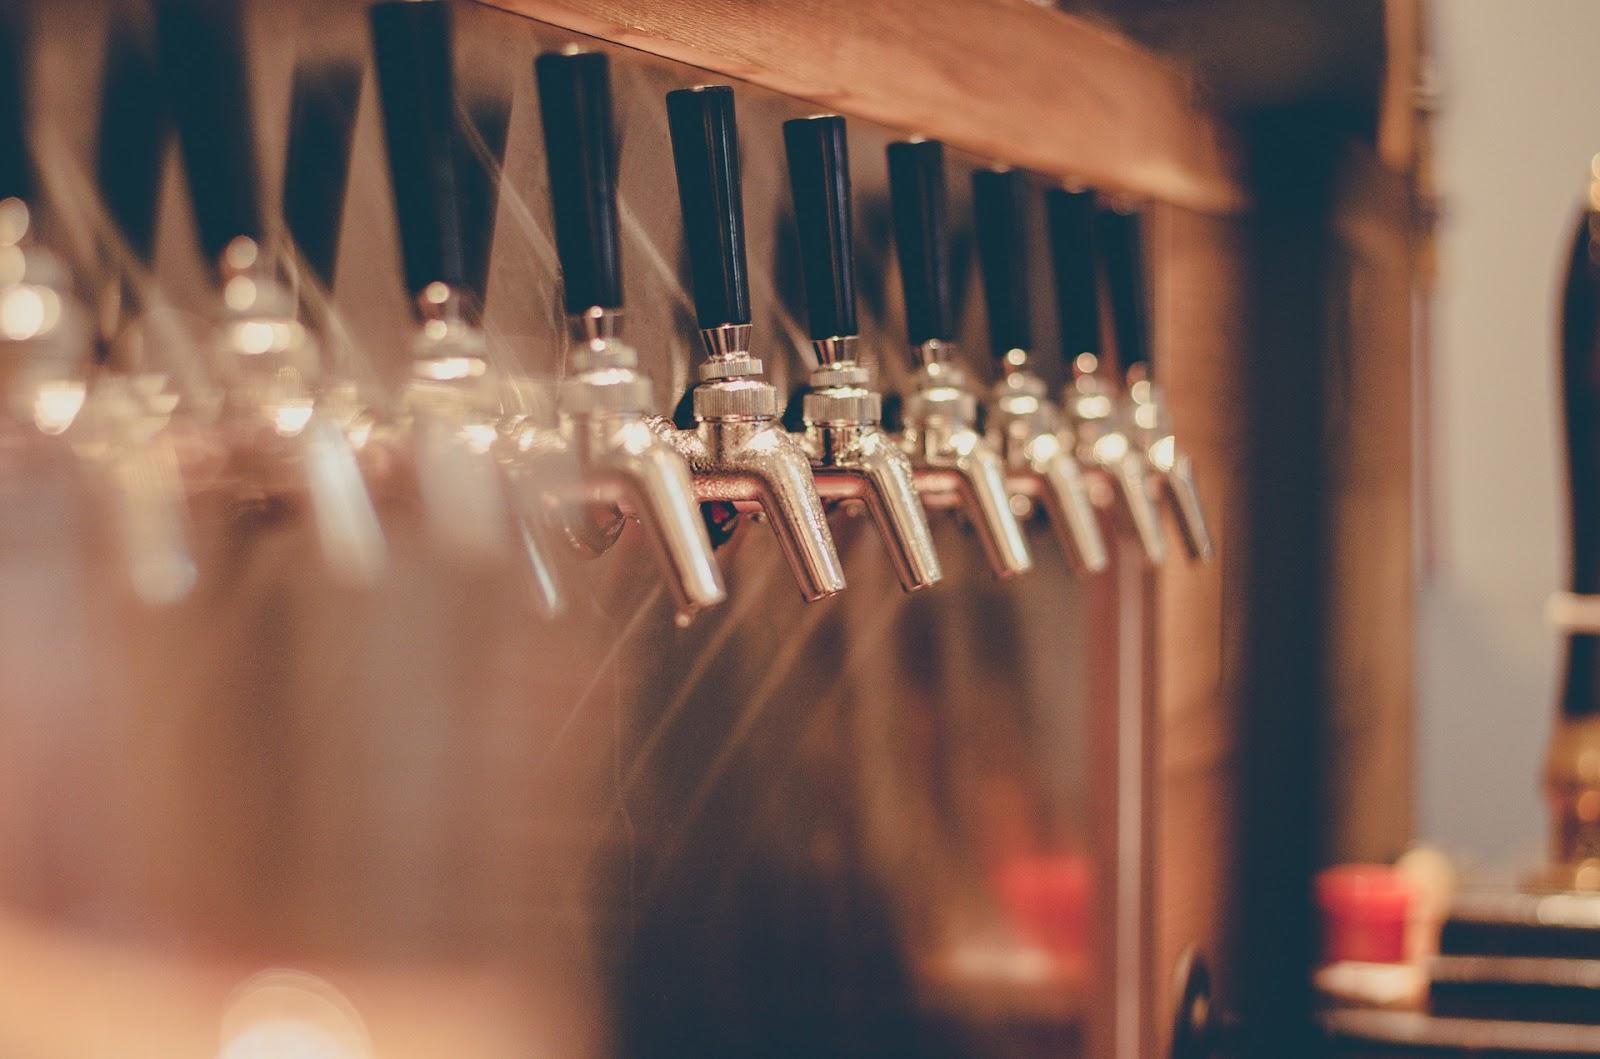 Бизнес план по пивнушке бизнес идеи бизнеса дома